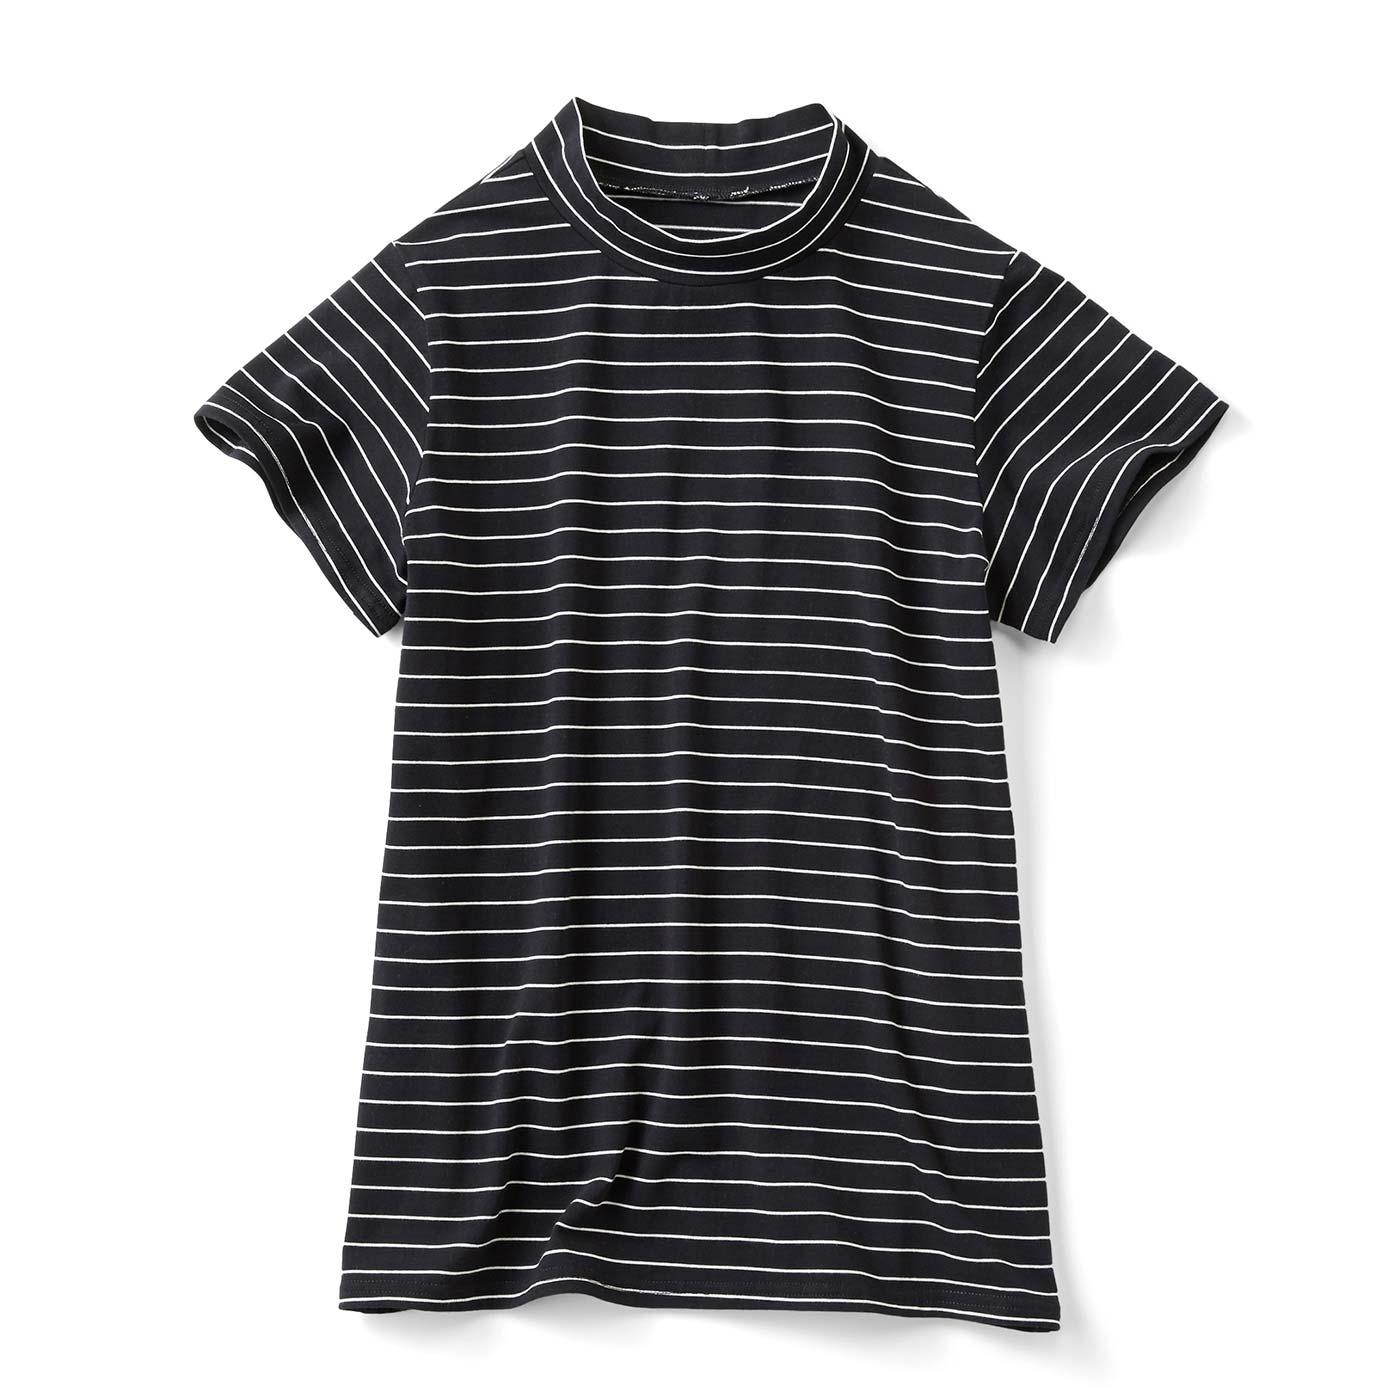 さらっと今風 ボーダーハイネックTシャツ〈ブラック×ホワイト〉